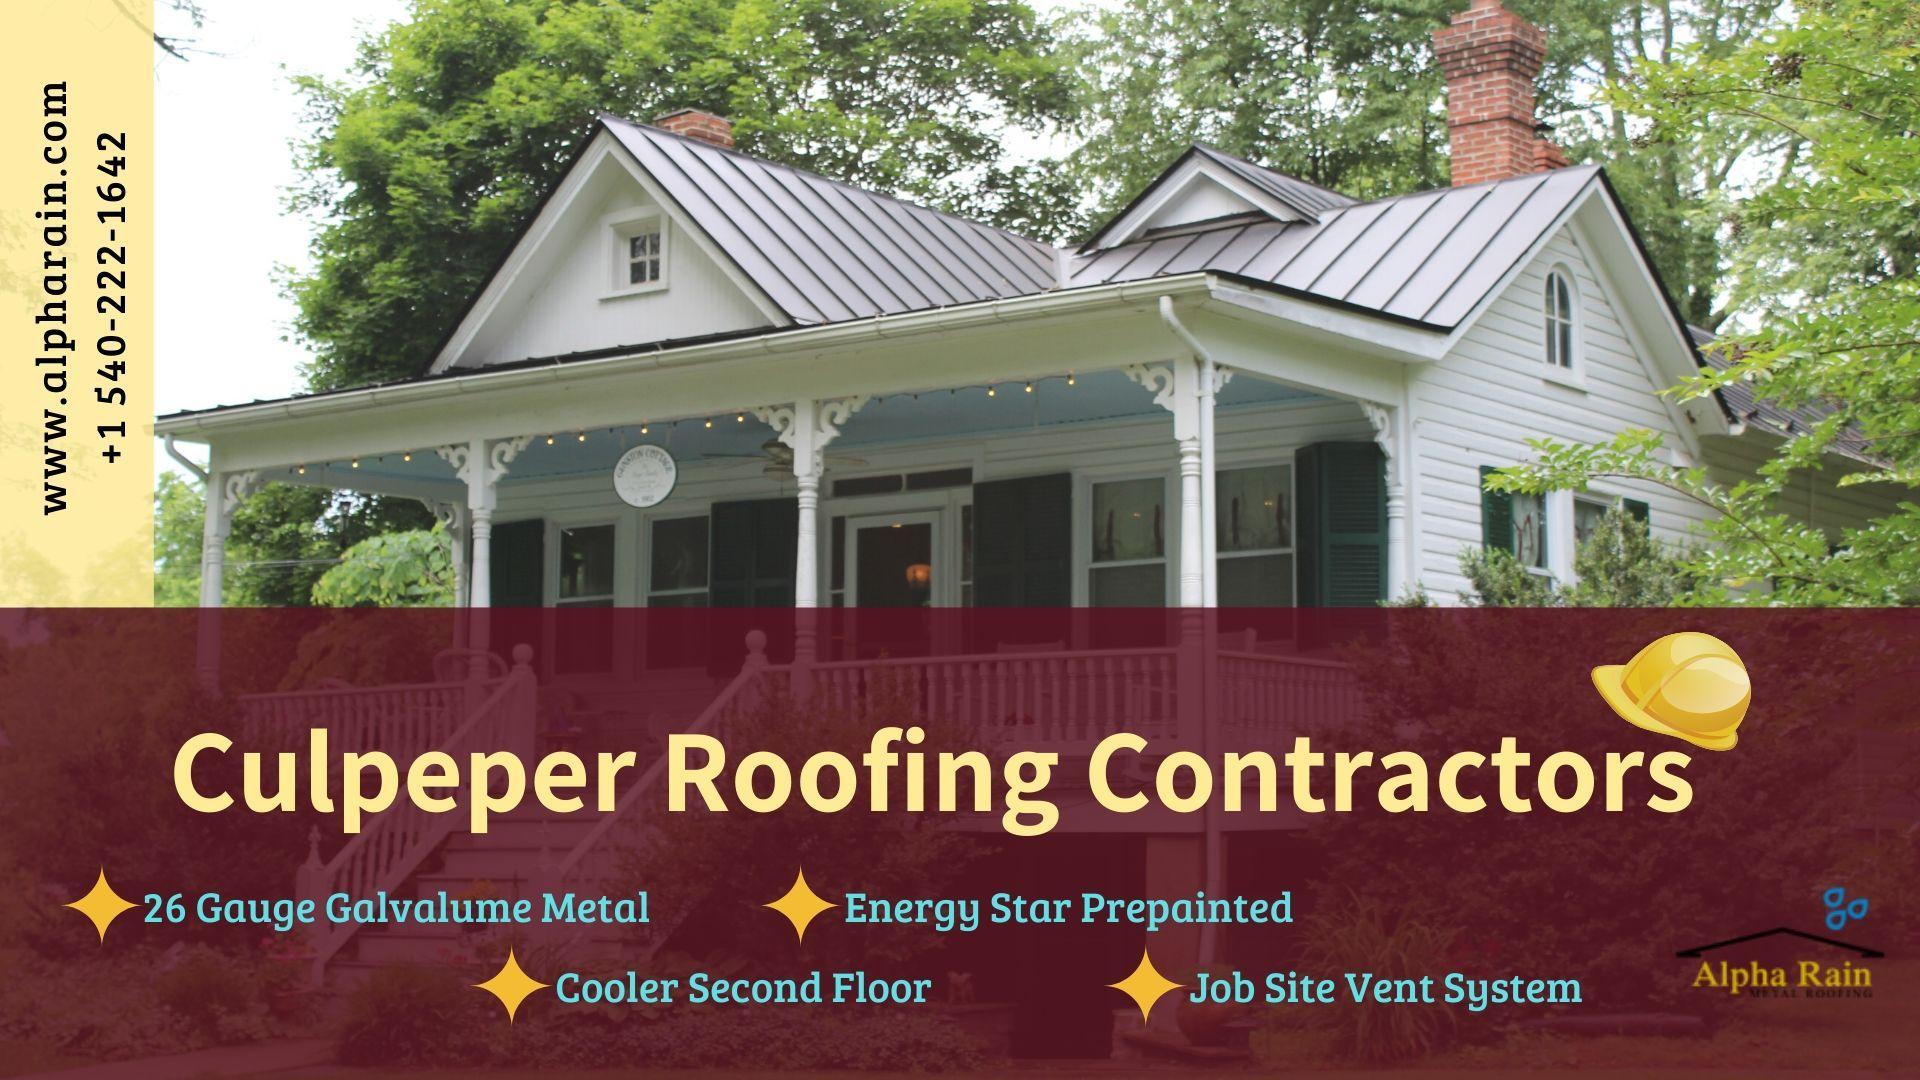 Under Roof Ventilation System In 2020 Roofer Ventilation System Ridge Vent